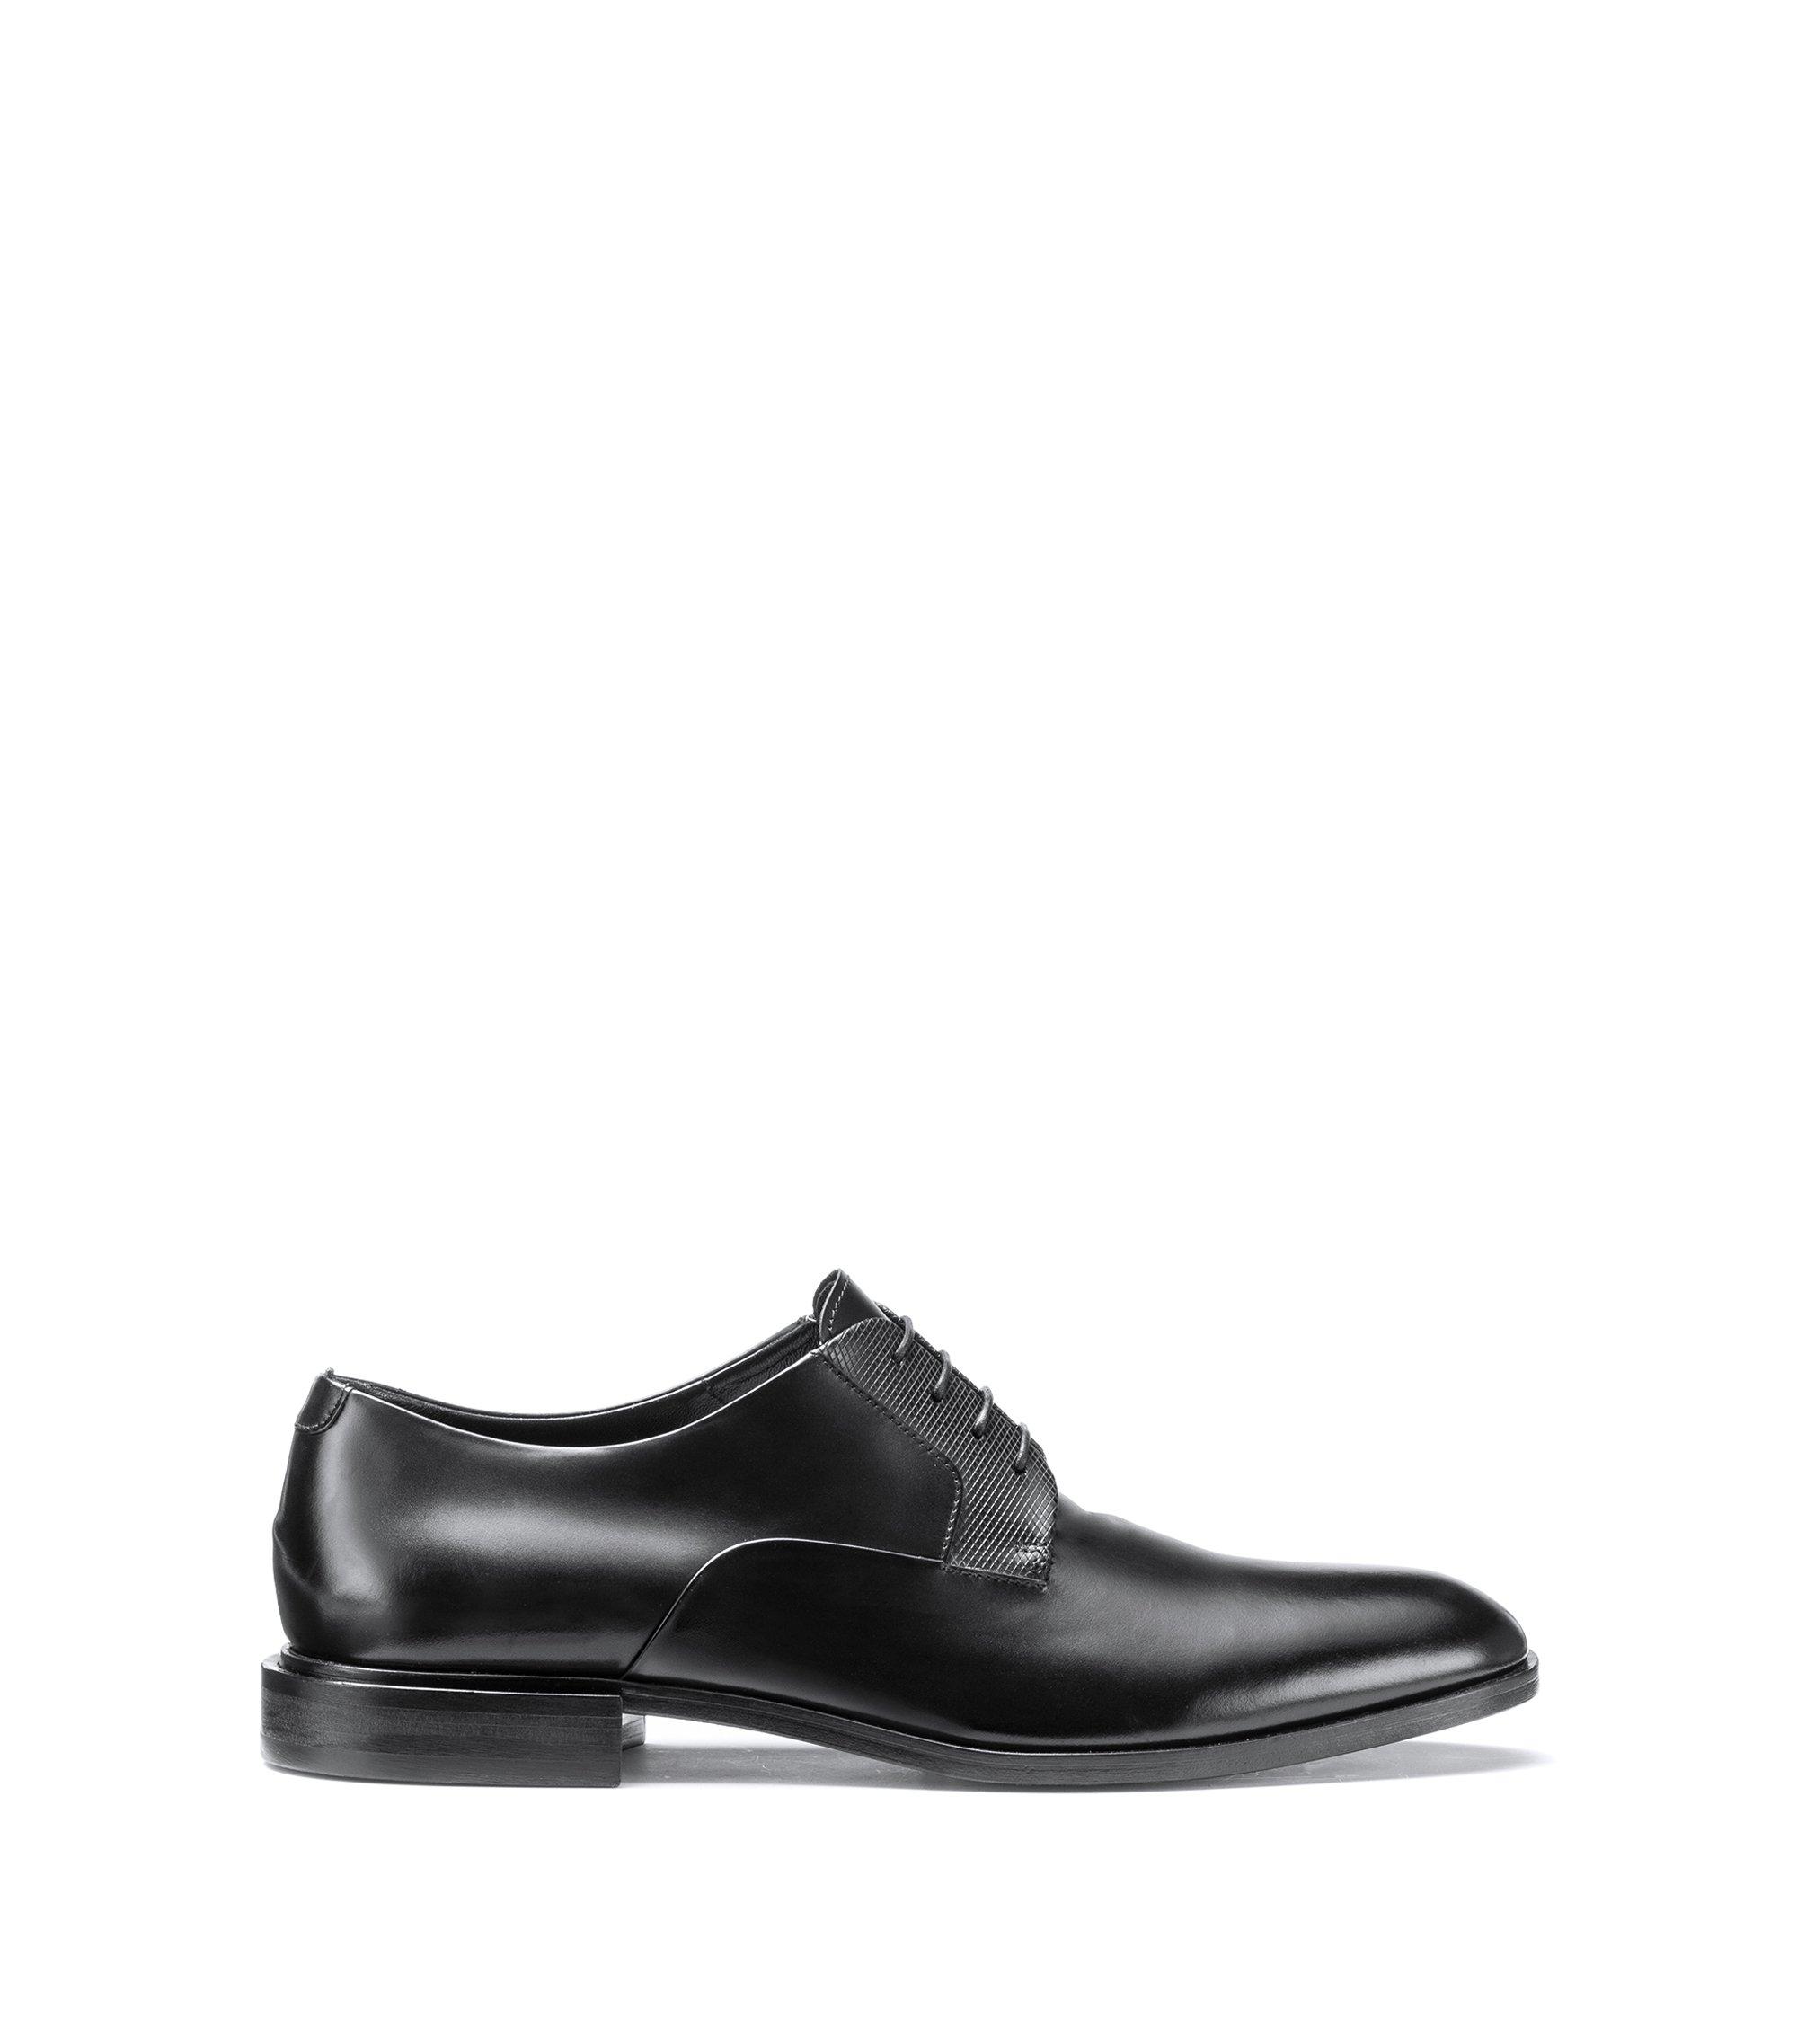 Zapatos Derby con cordones en piel lustrada, Negro